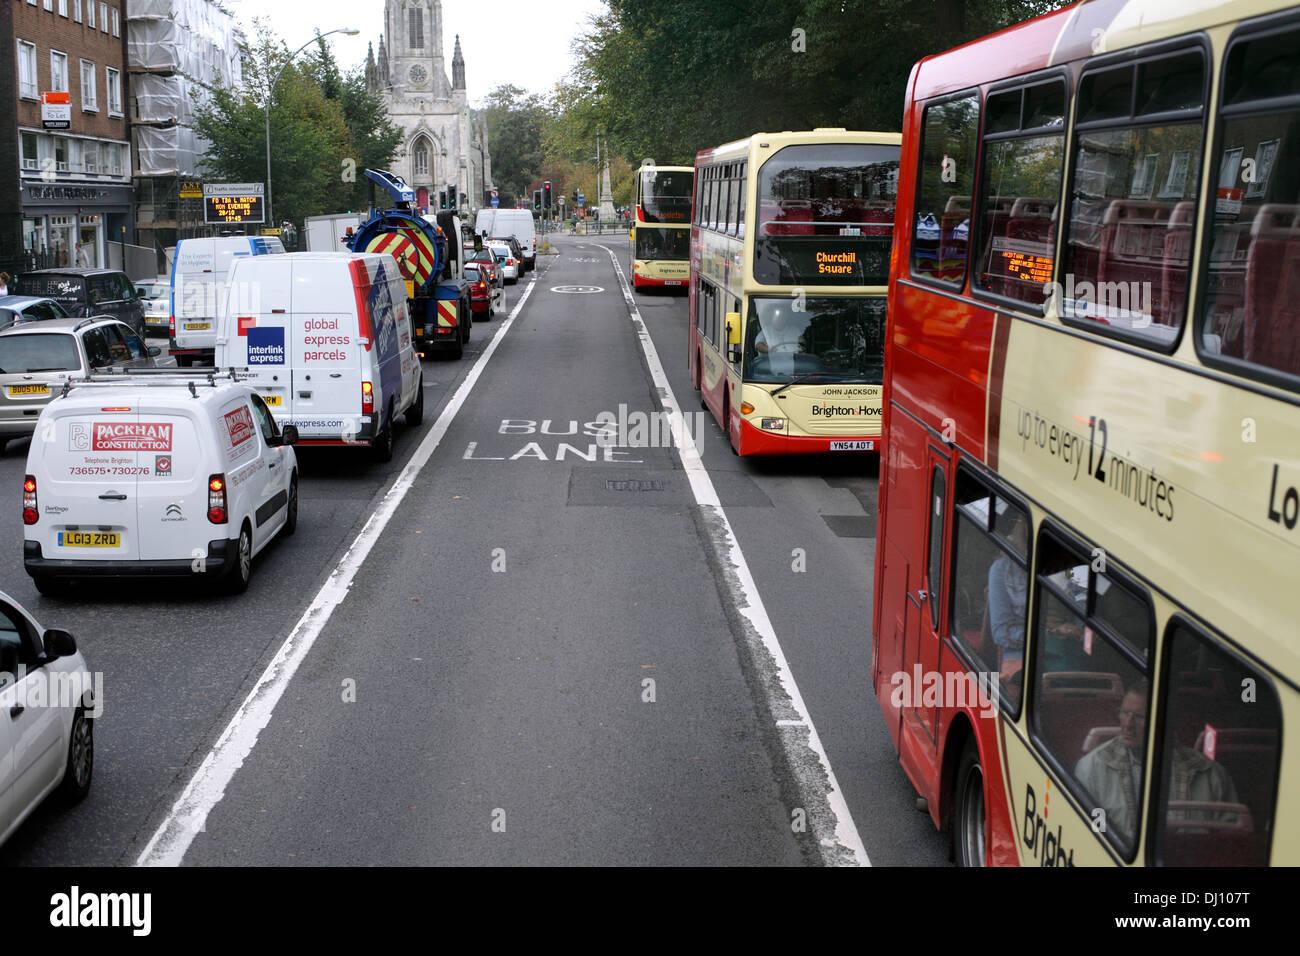 Buses en un tramo de carril bus bidireccional, Gloucester Place, Brighton. Imagen De Stock